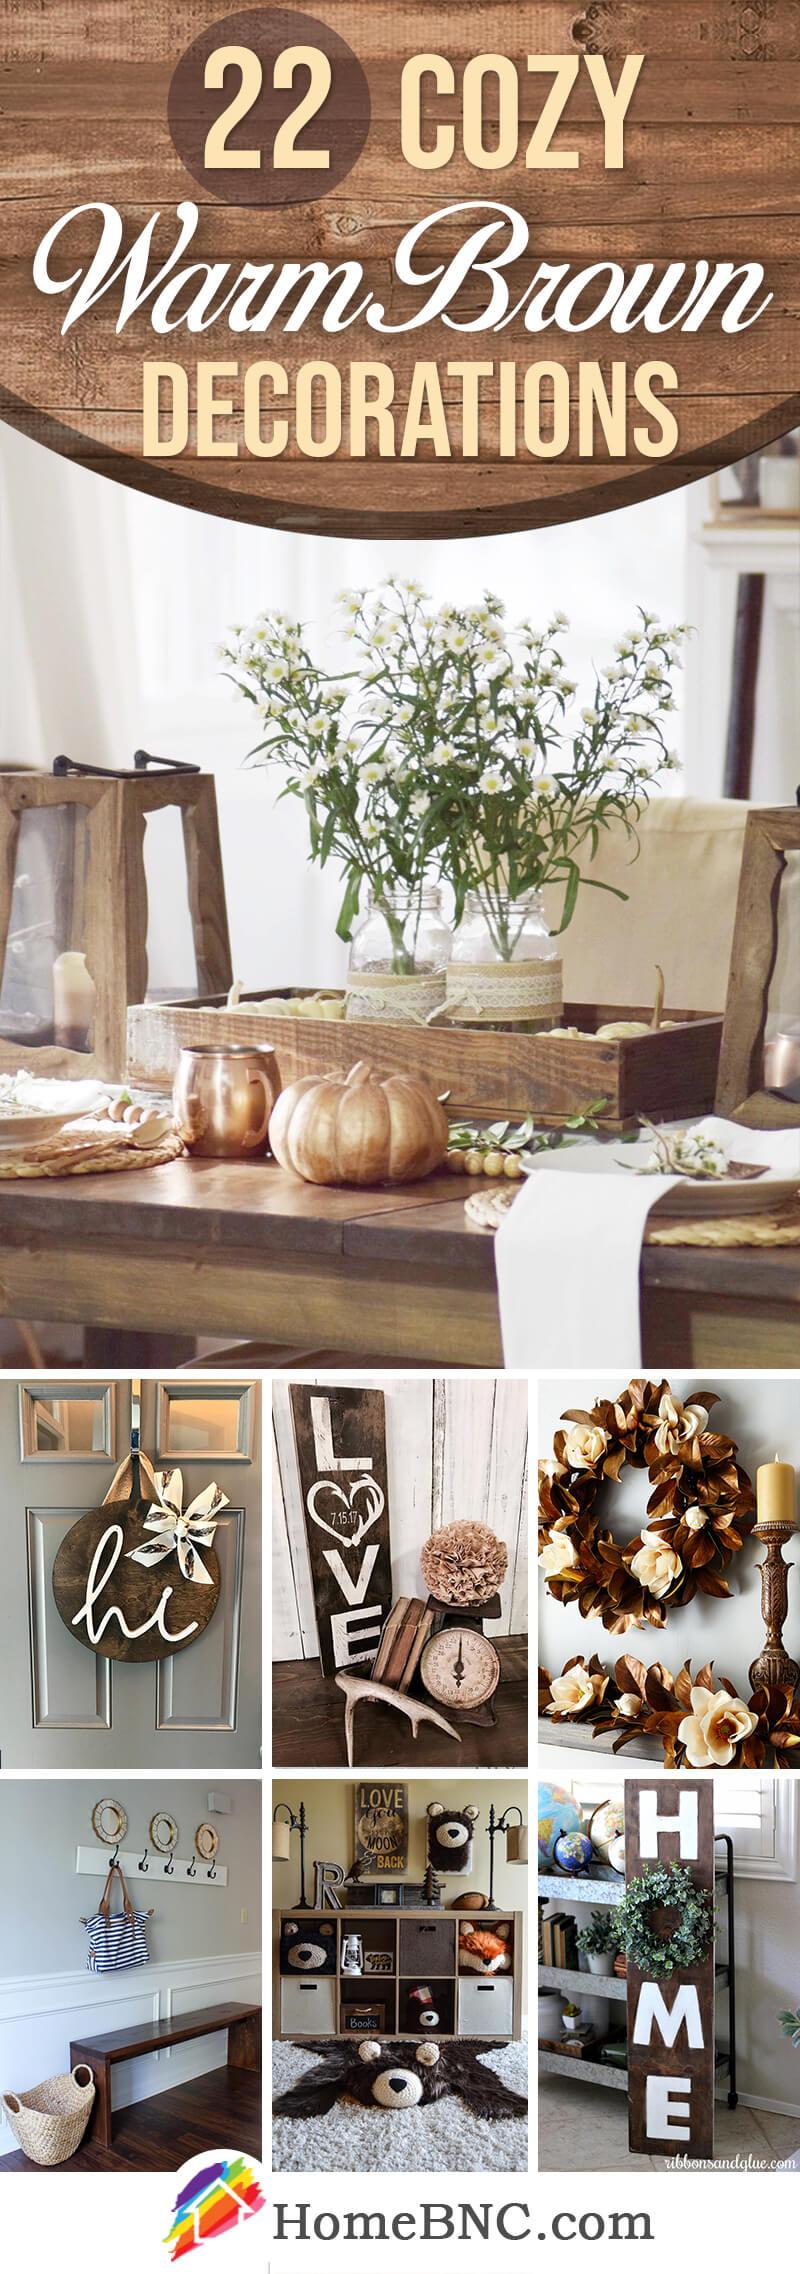 Warm Brown Home Decor Ideas